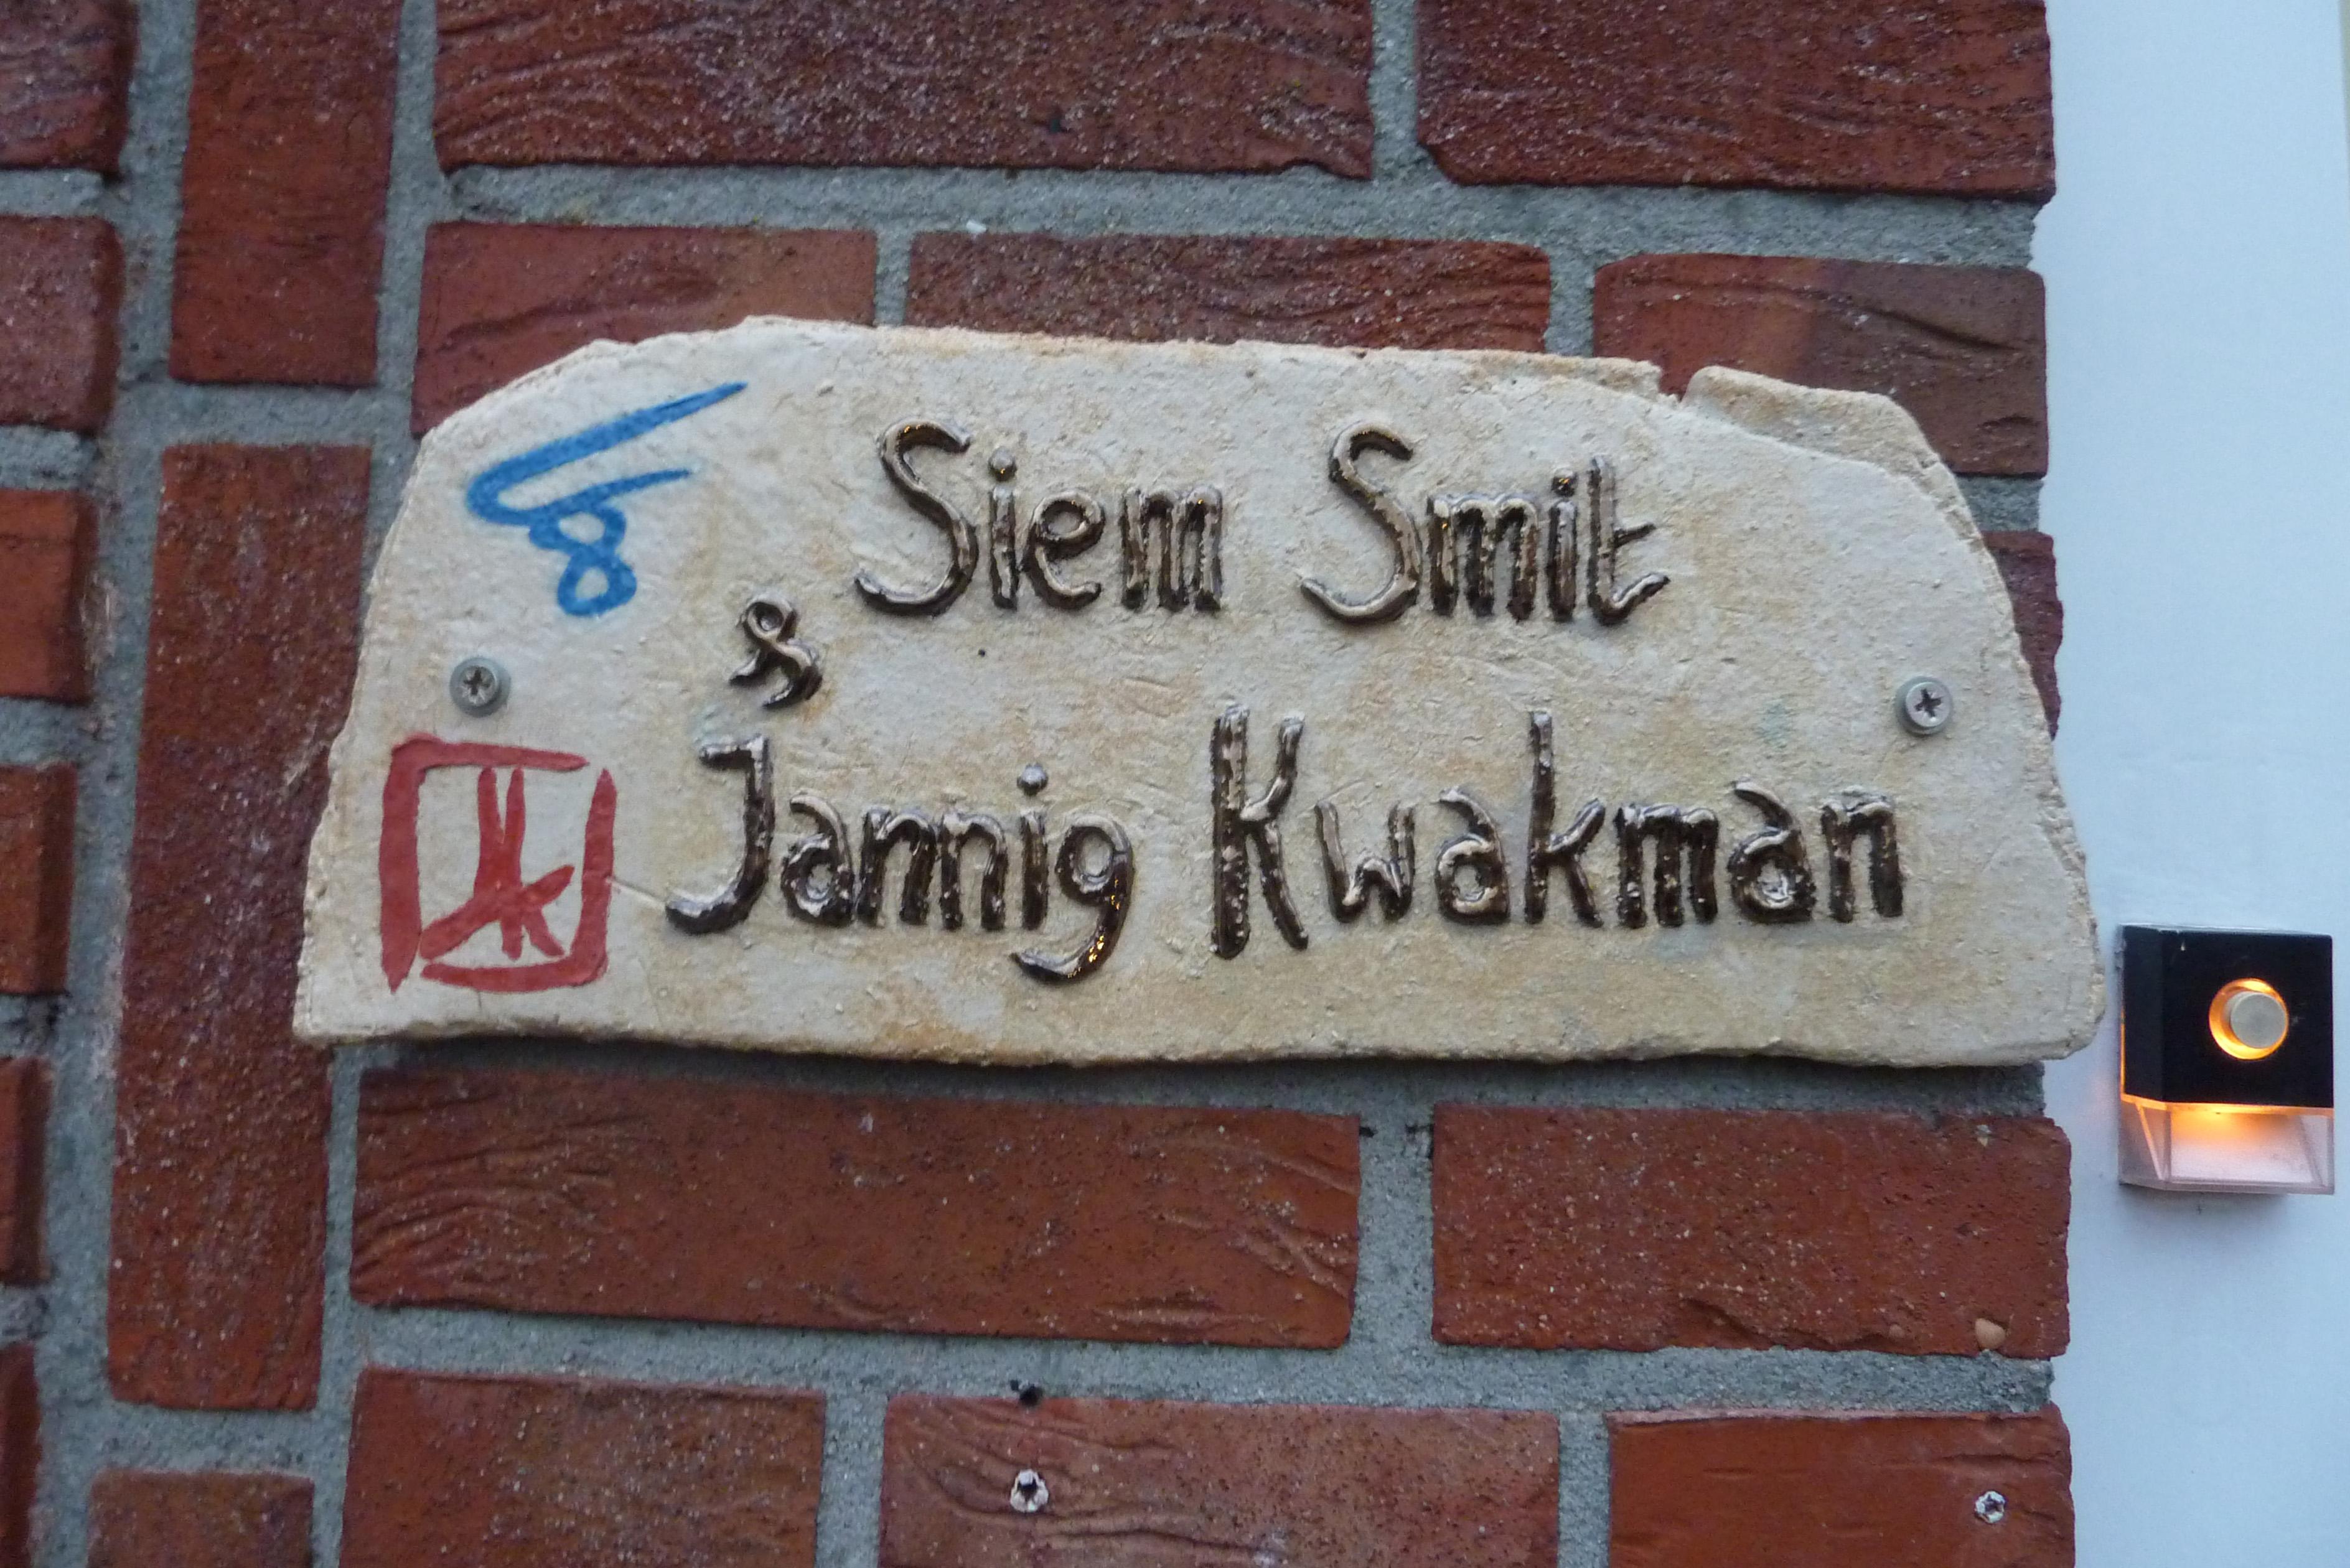 Fam. Smit & Kwakman